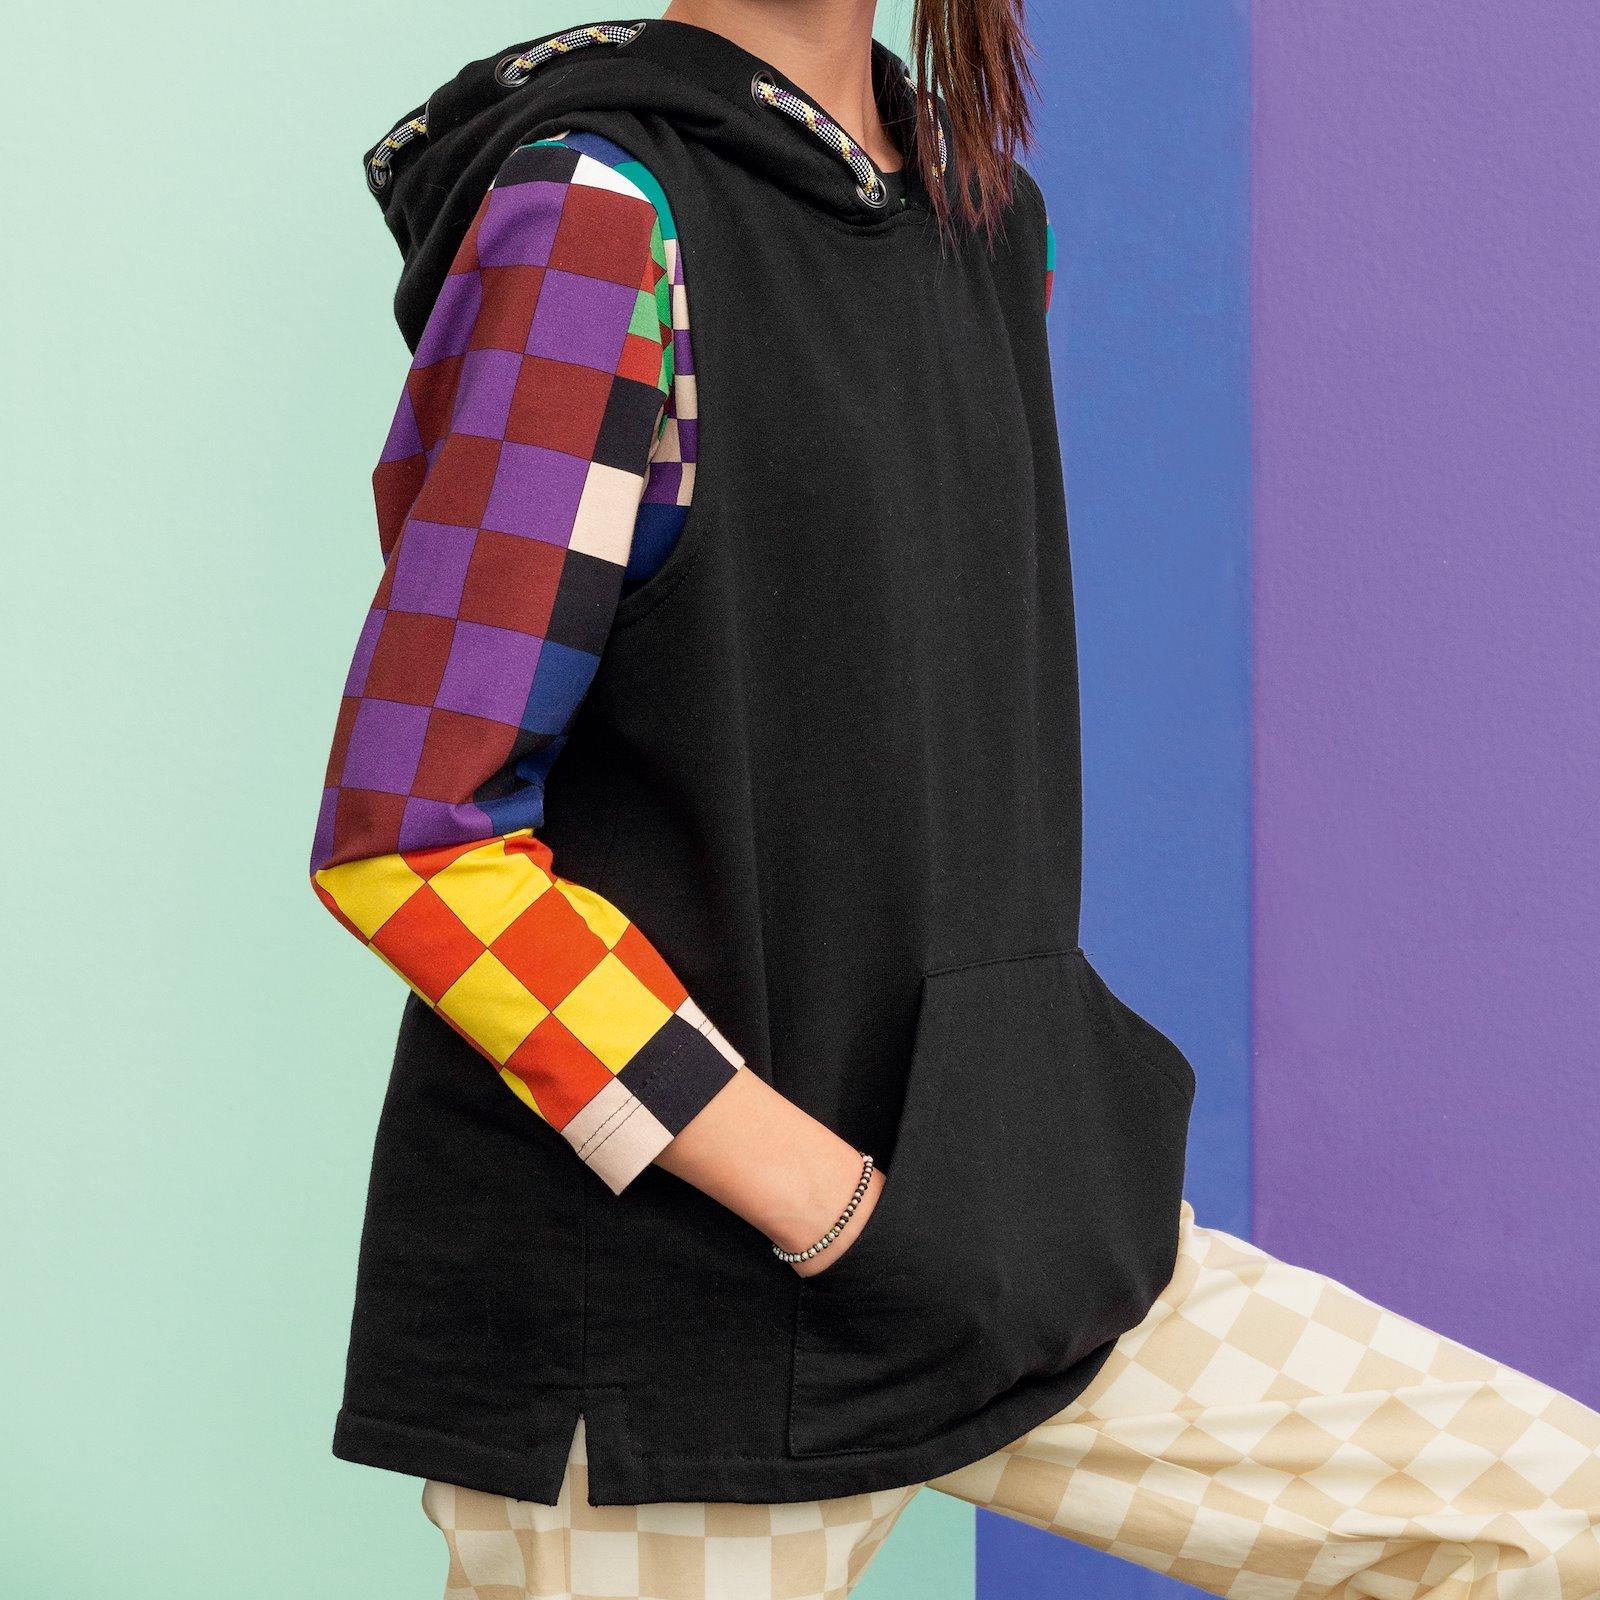 Hoodie waistcoat, 164/14y p62021_211759_230638_43690_22276_p62017_272807_p60034_420420_bundle